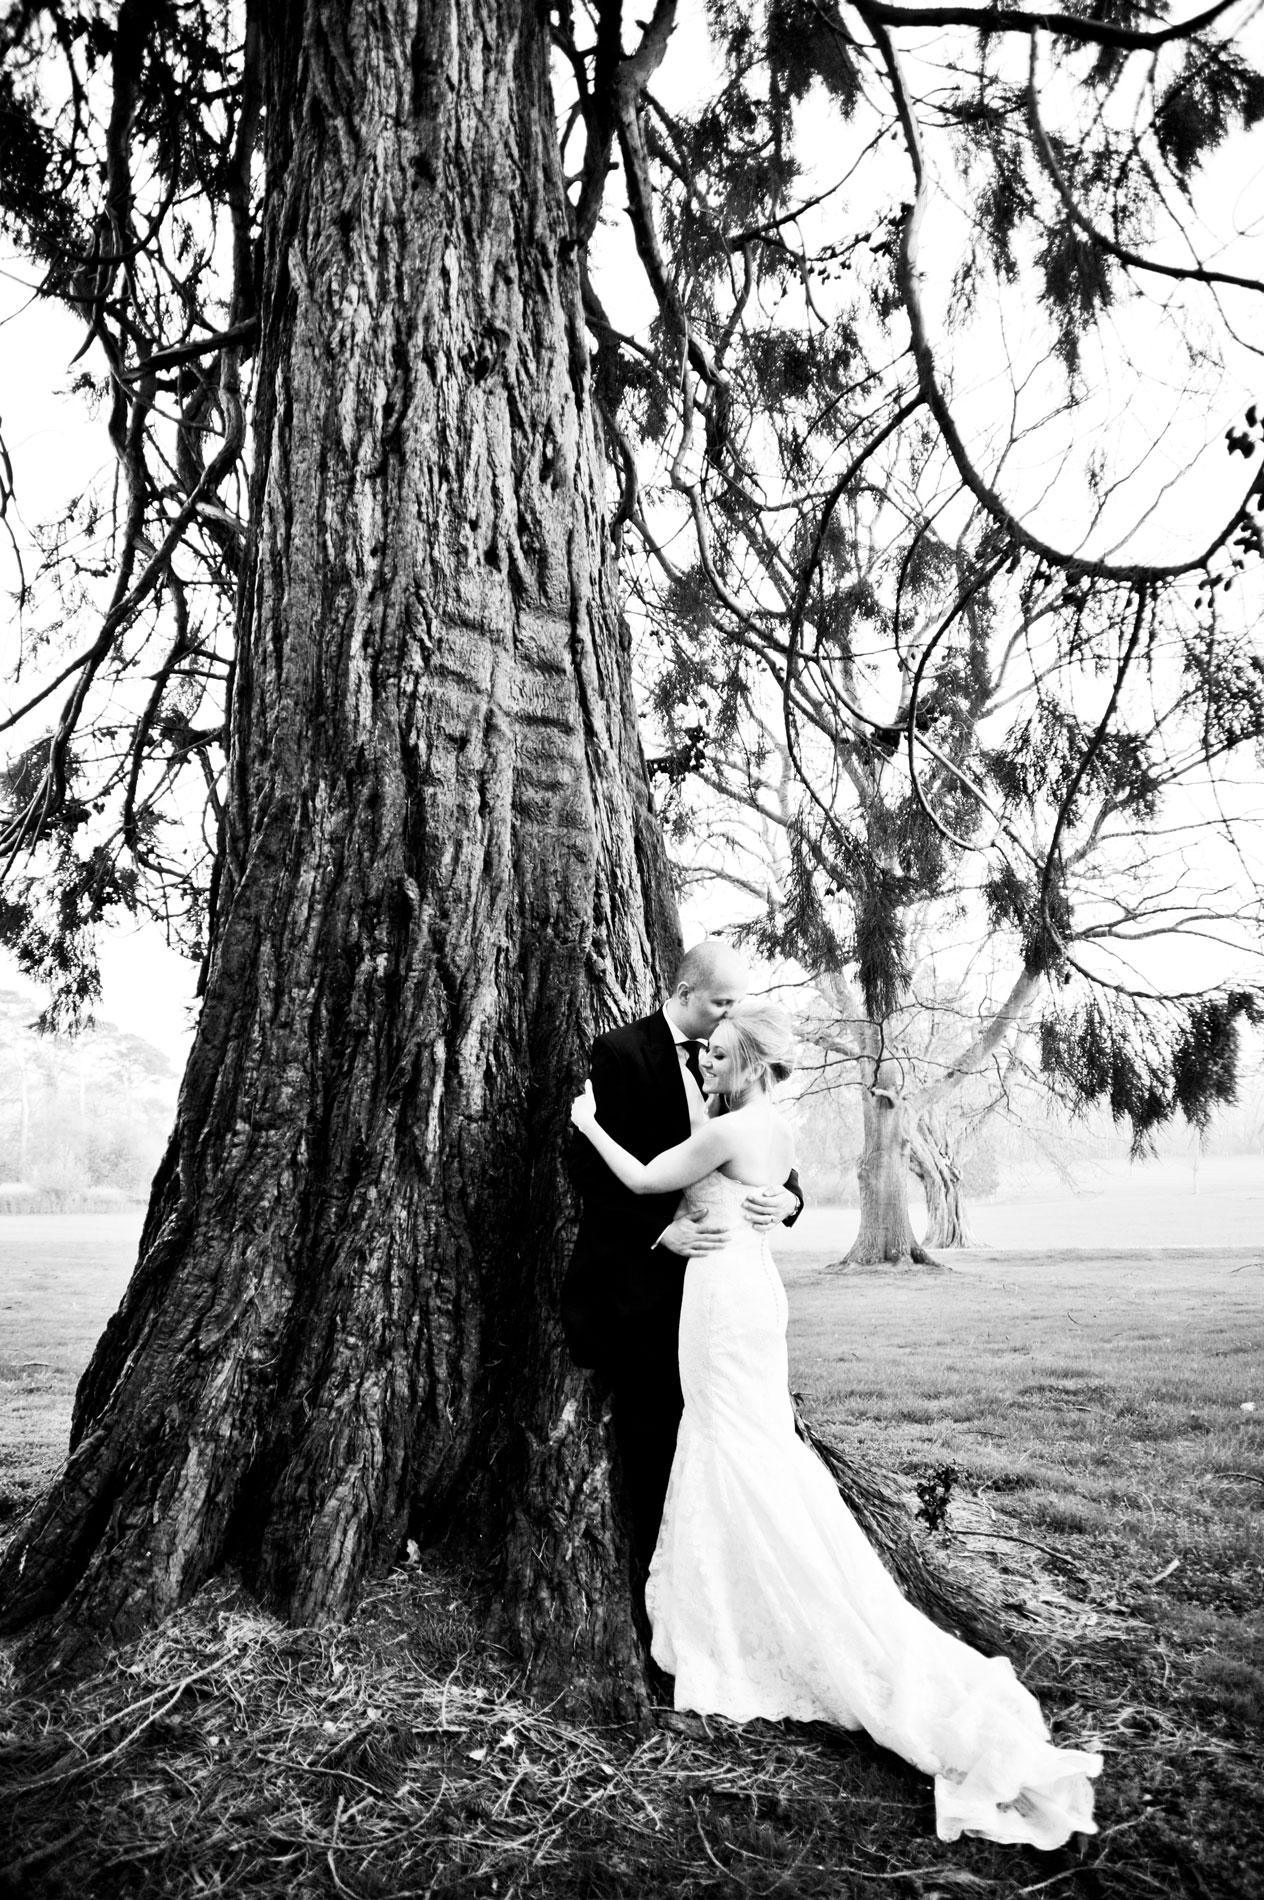 Kilworth-weddings-_56.jpg